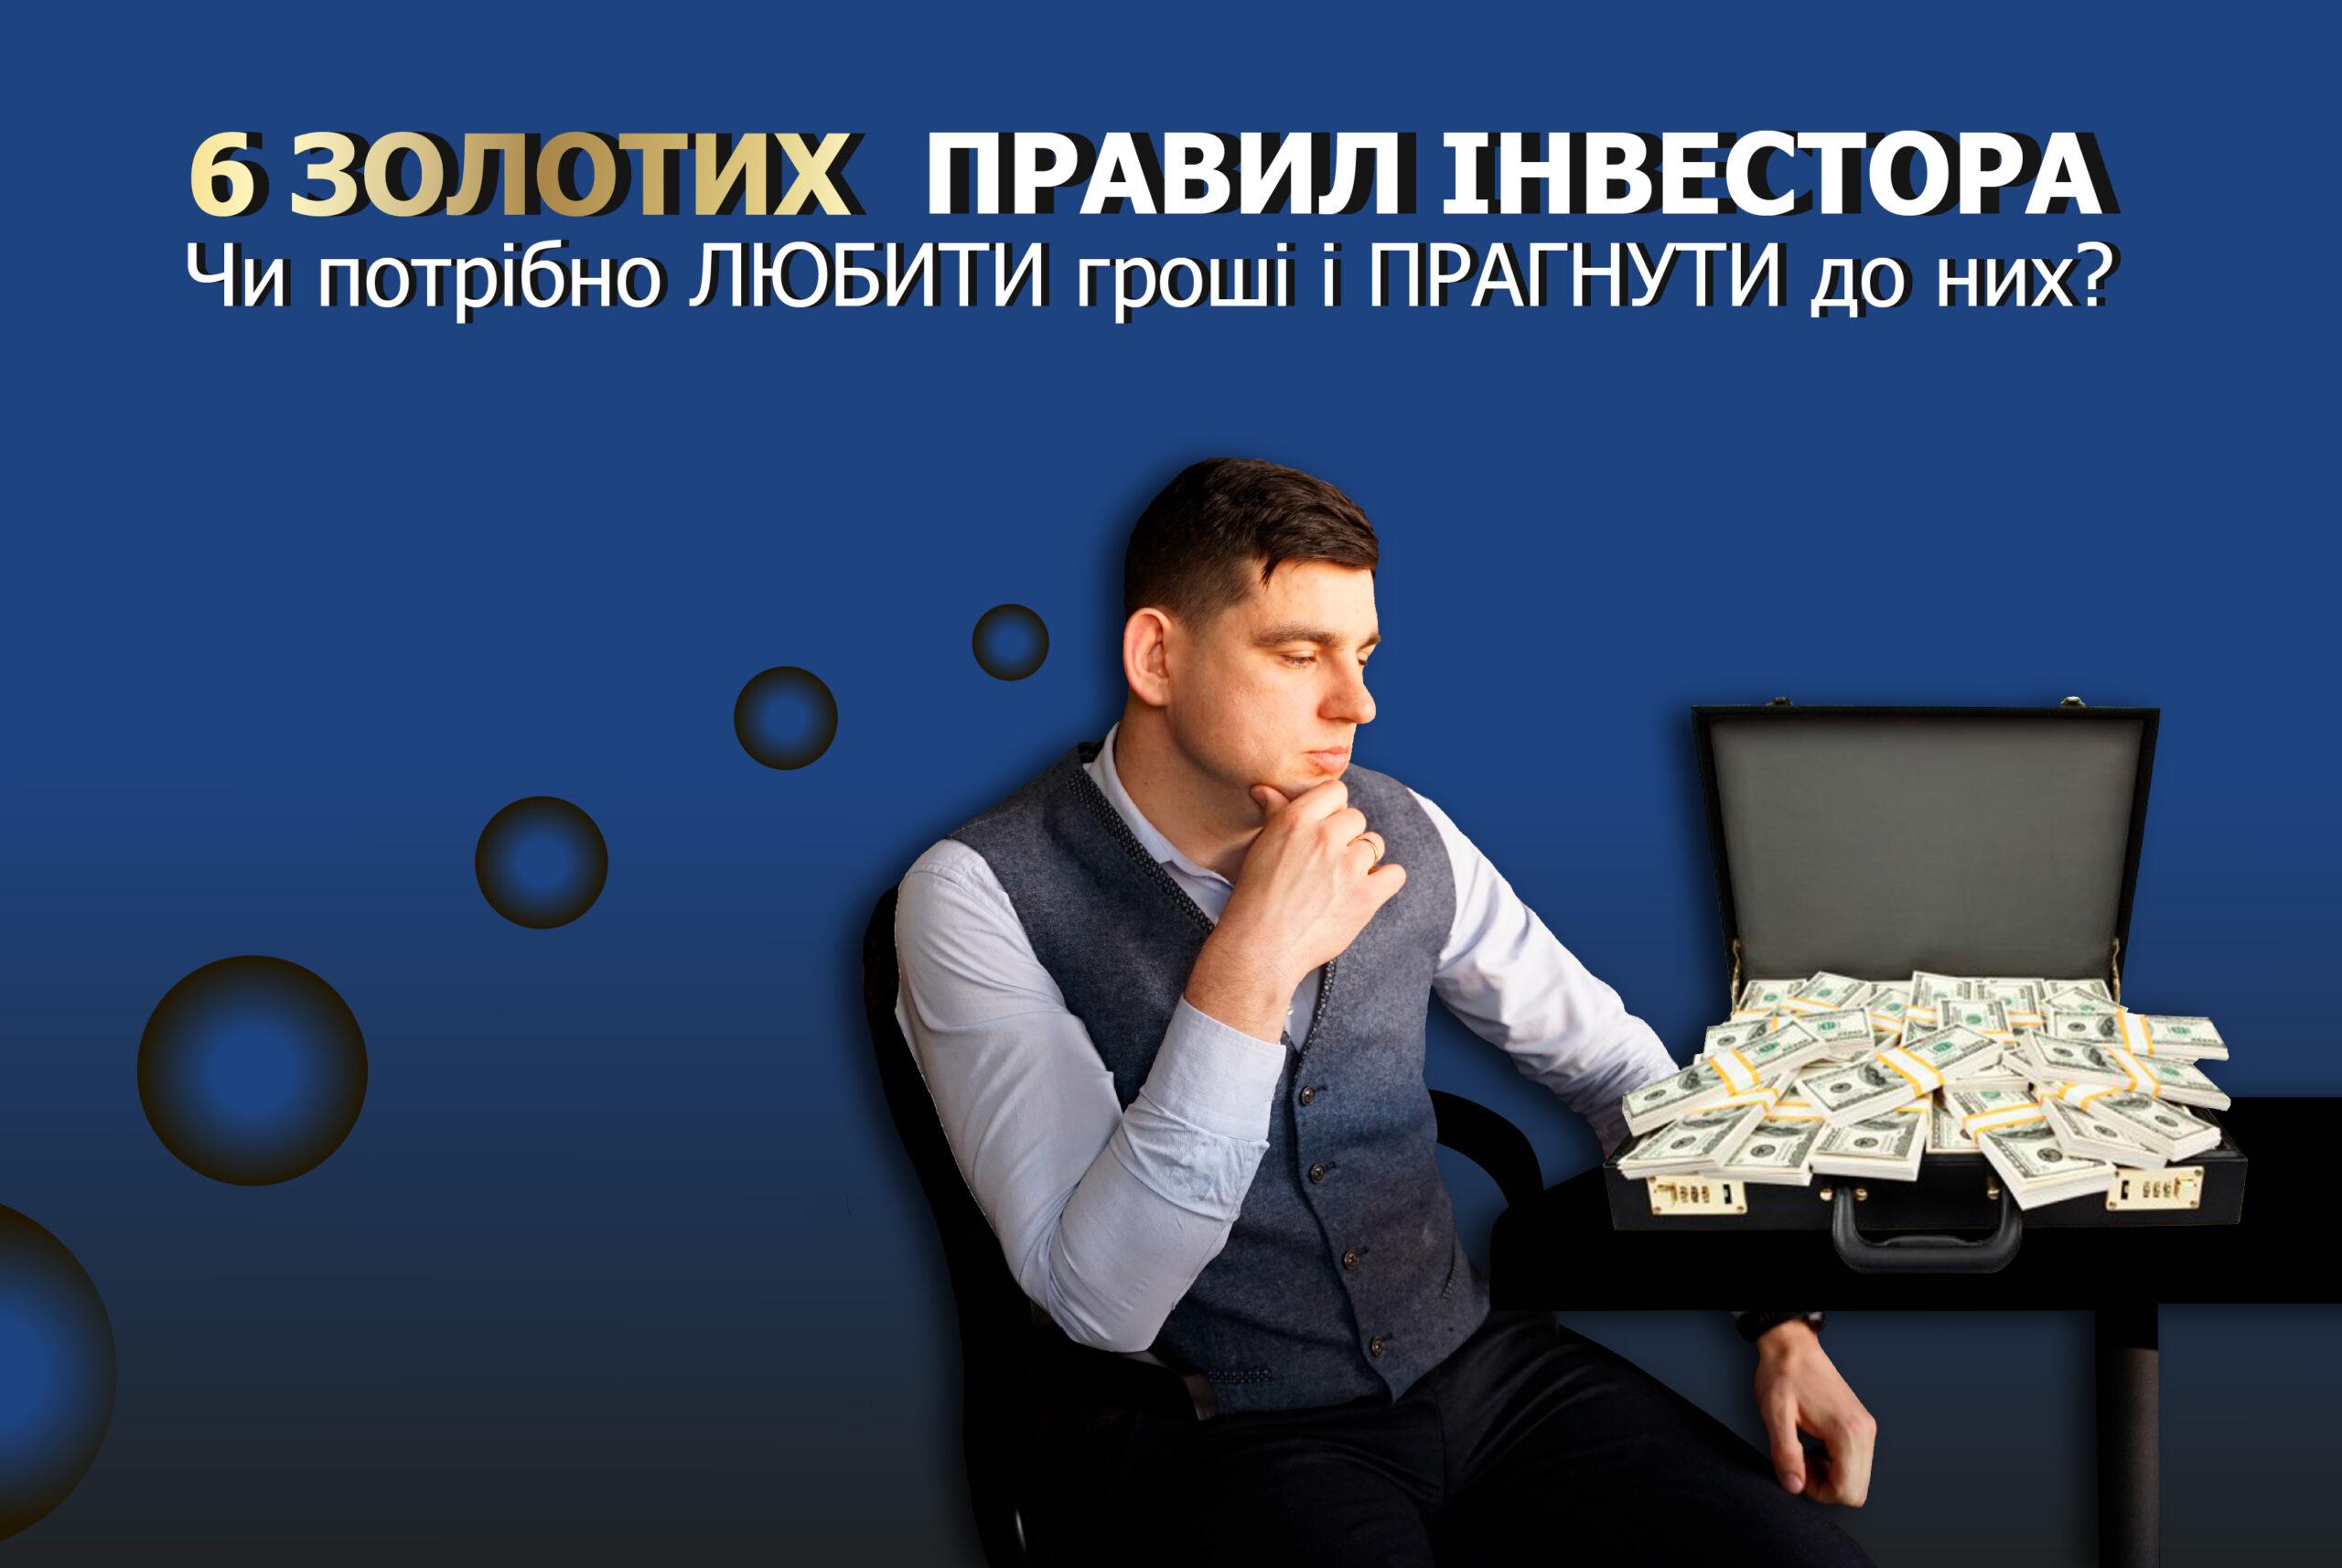 основні правила які варто враховувати при інвестуванні